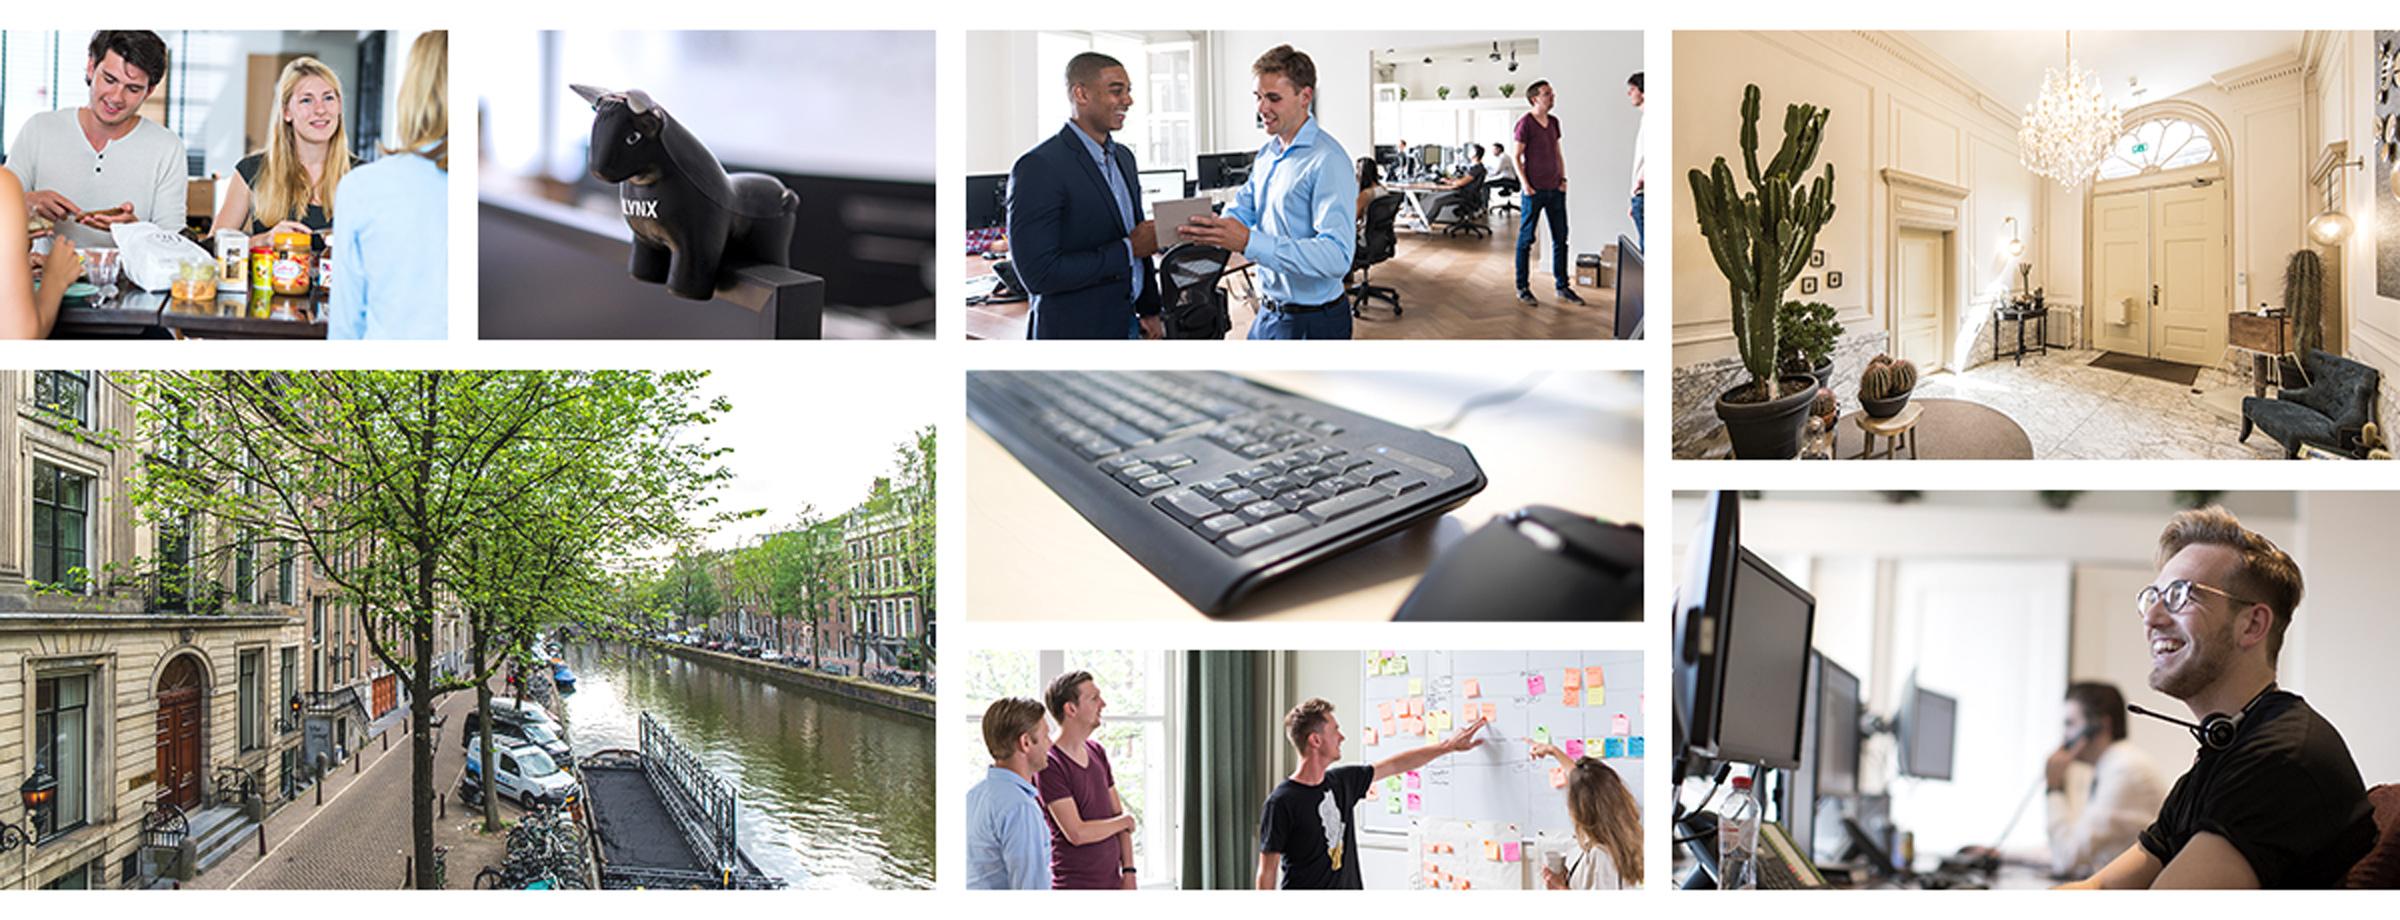 Kom werken bij LYNX en stap in de wereld van online beleggen